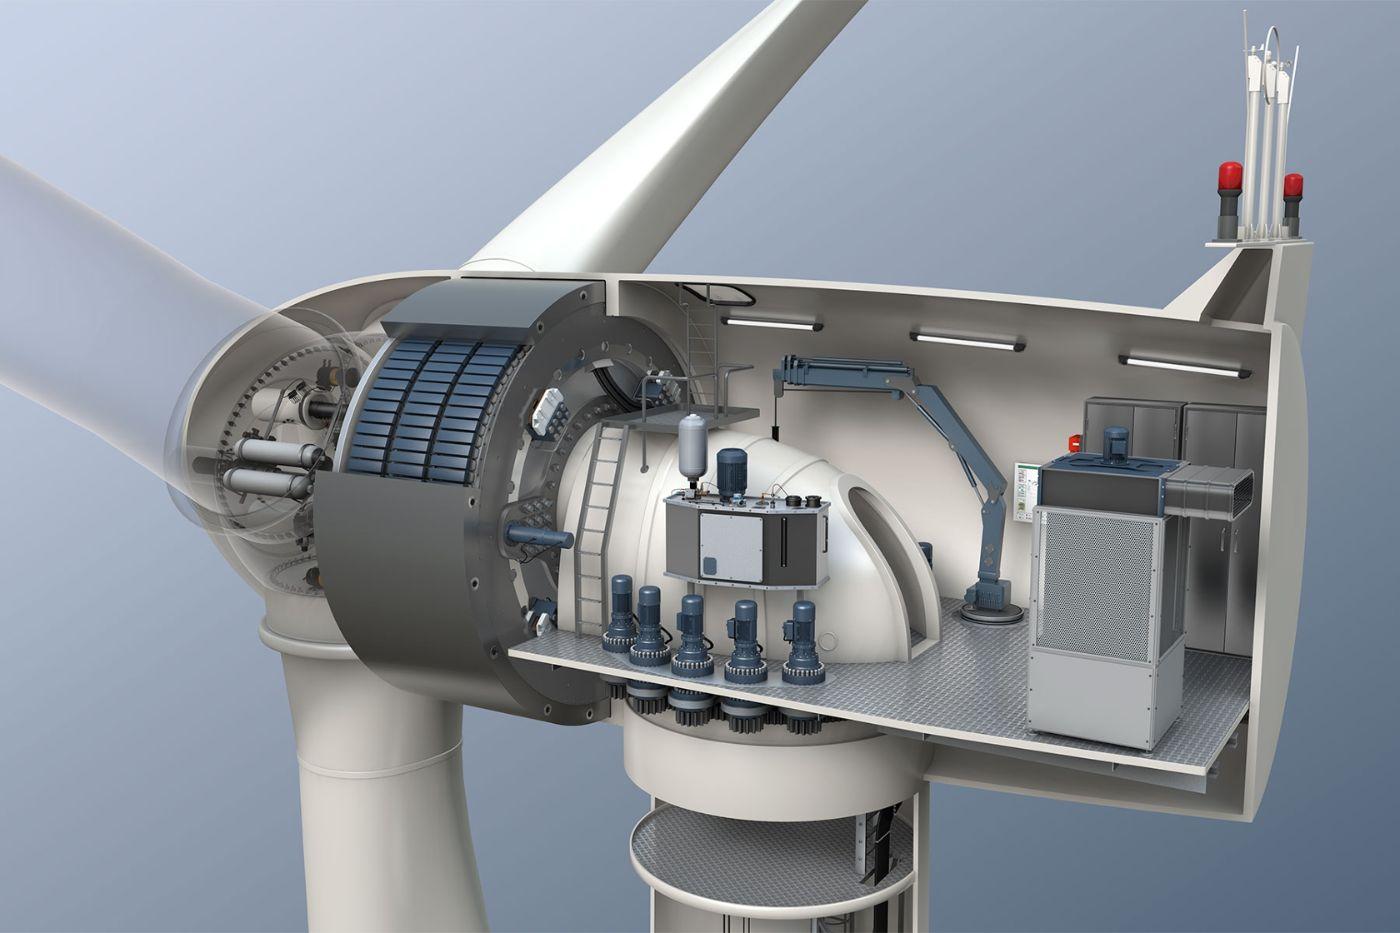 Альтернативная энергия и варианты её применение  » ветрогенераторы: классификация и типы, конструкция и схема работы